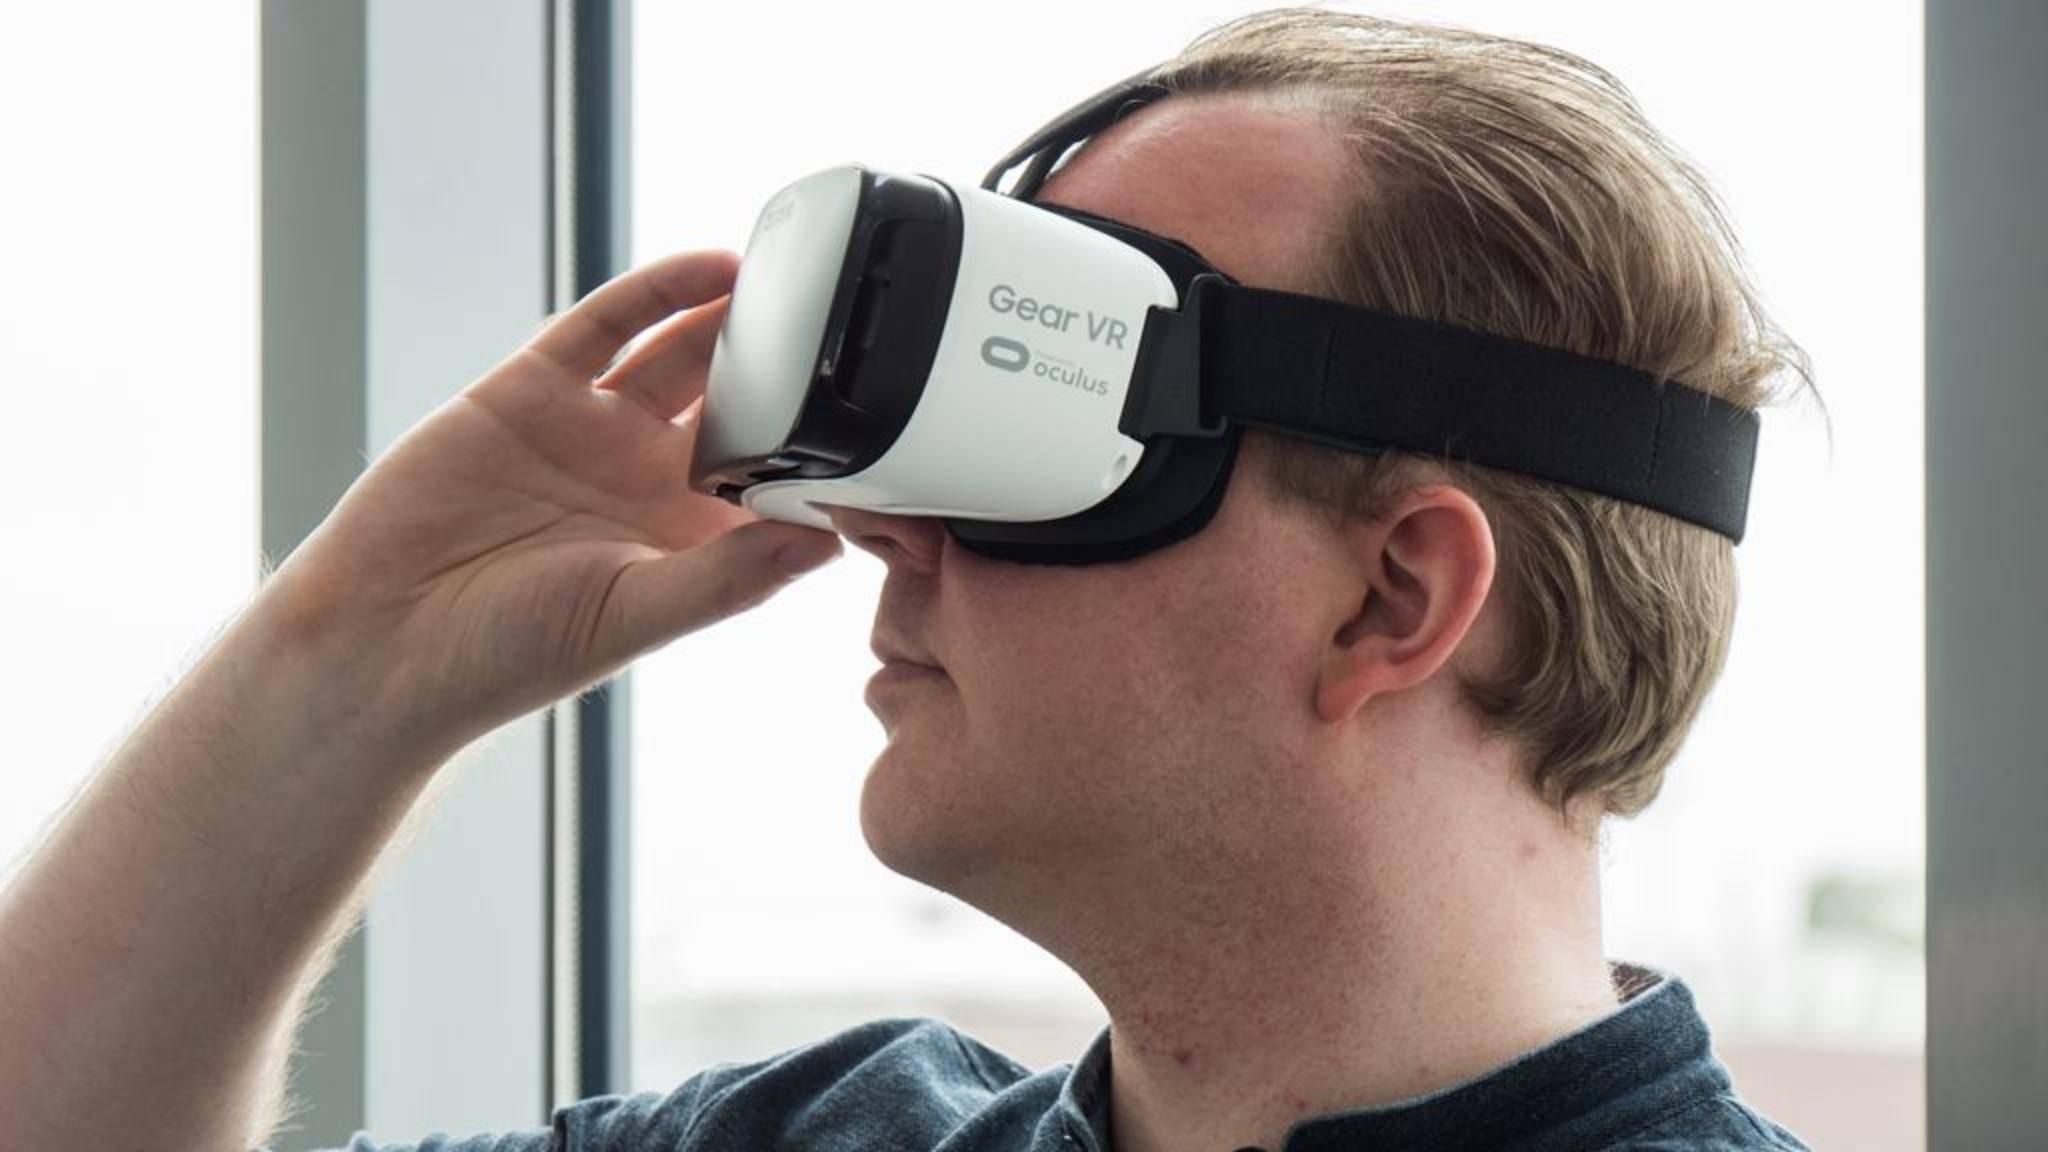 Die Samsung Gear VR ist die wohl bekannteste VR-Brille.